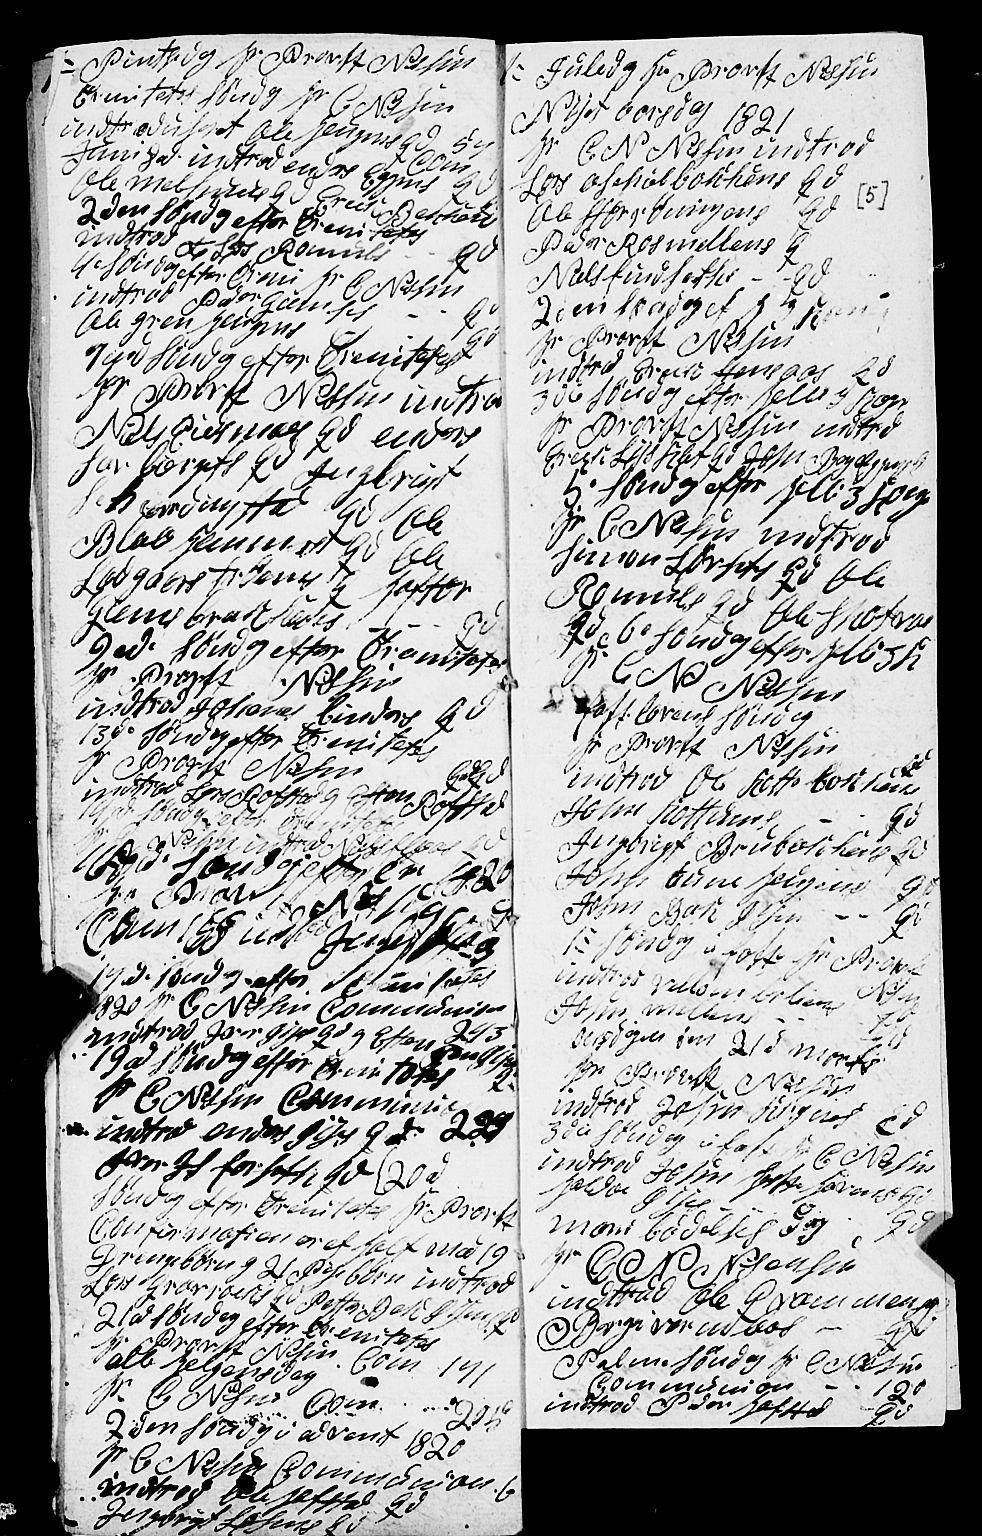 SAT, Ministerialprotokoller, klokkerbøker og fødselsregistre - Sør-Trøndelag, 691/L1091: Klokkerbok nr. 691C02, 1802-1815, s. 5